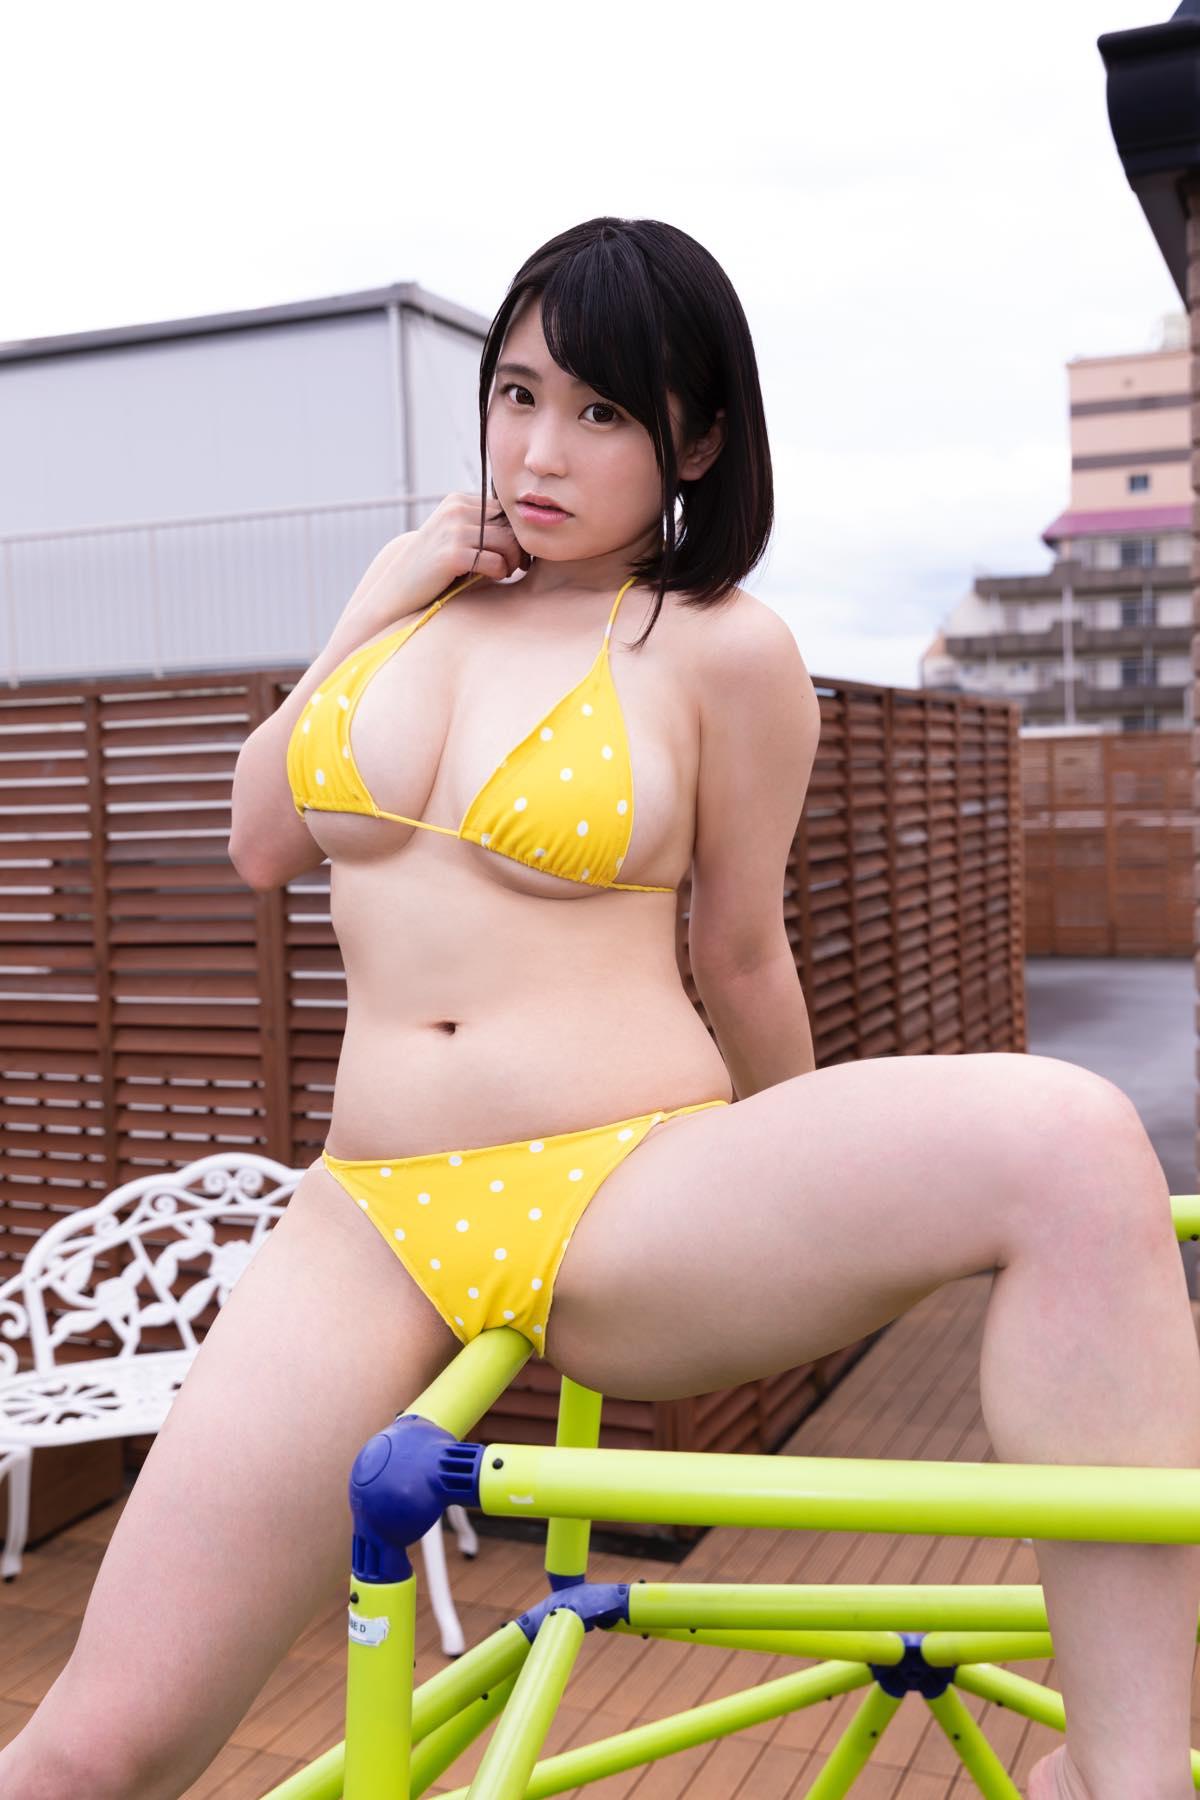 桜木こなみ「ぷにぷに弾けるボディ」妹系美女のバストはGカップ【画像12枚】の画像001